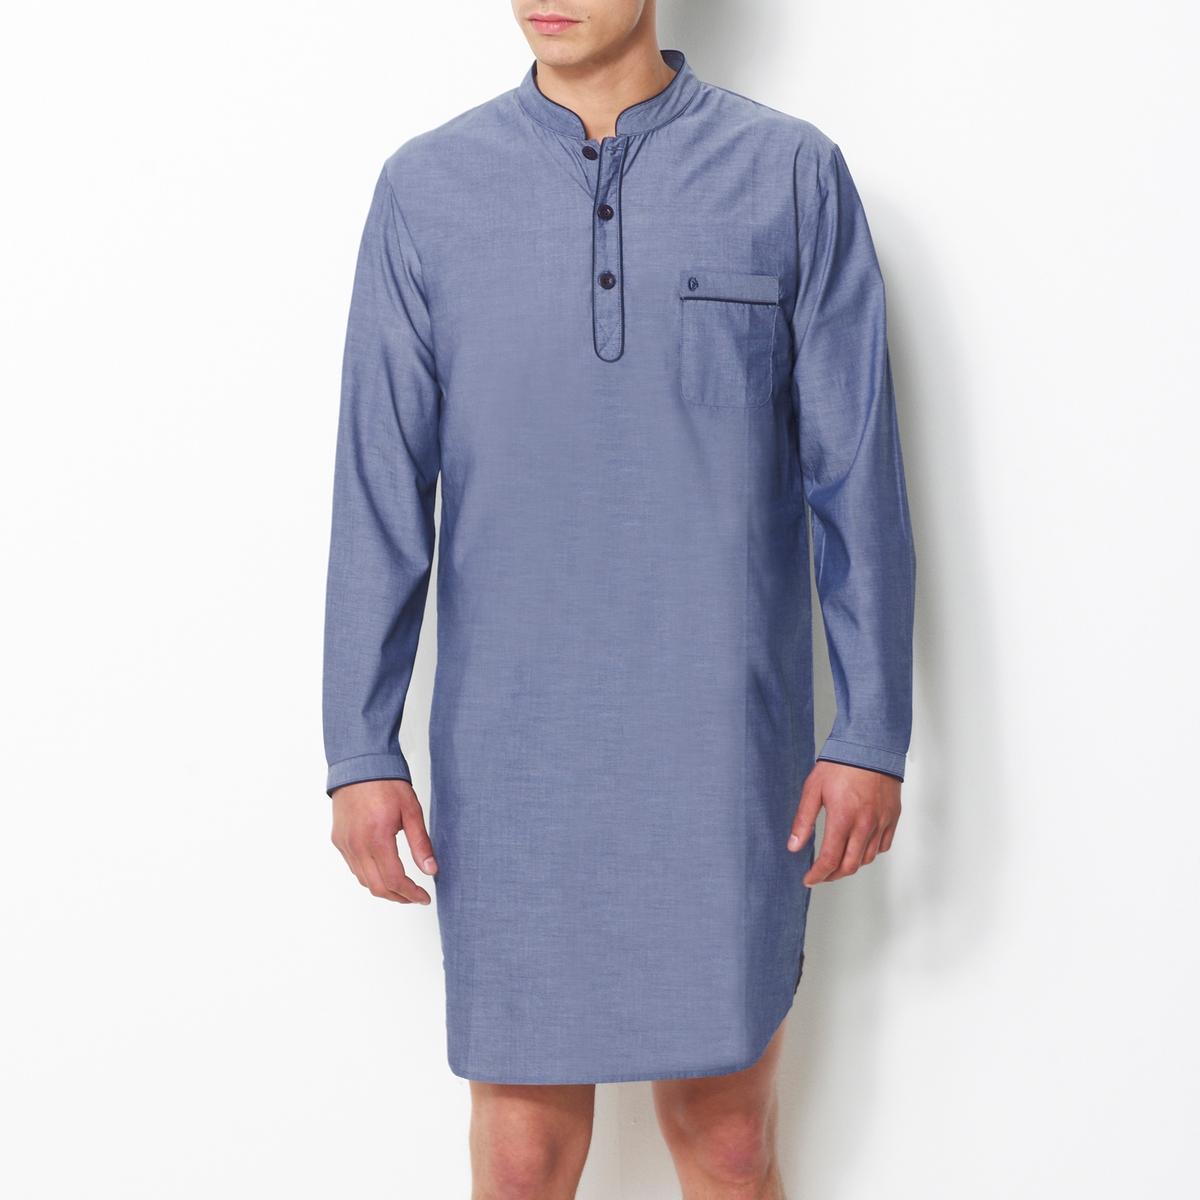 Пижама-рубашка La Redoute В полоску из поплина S синий пальто la redoute из меха с капюшоном gabonback l синий